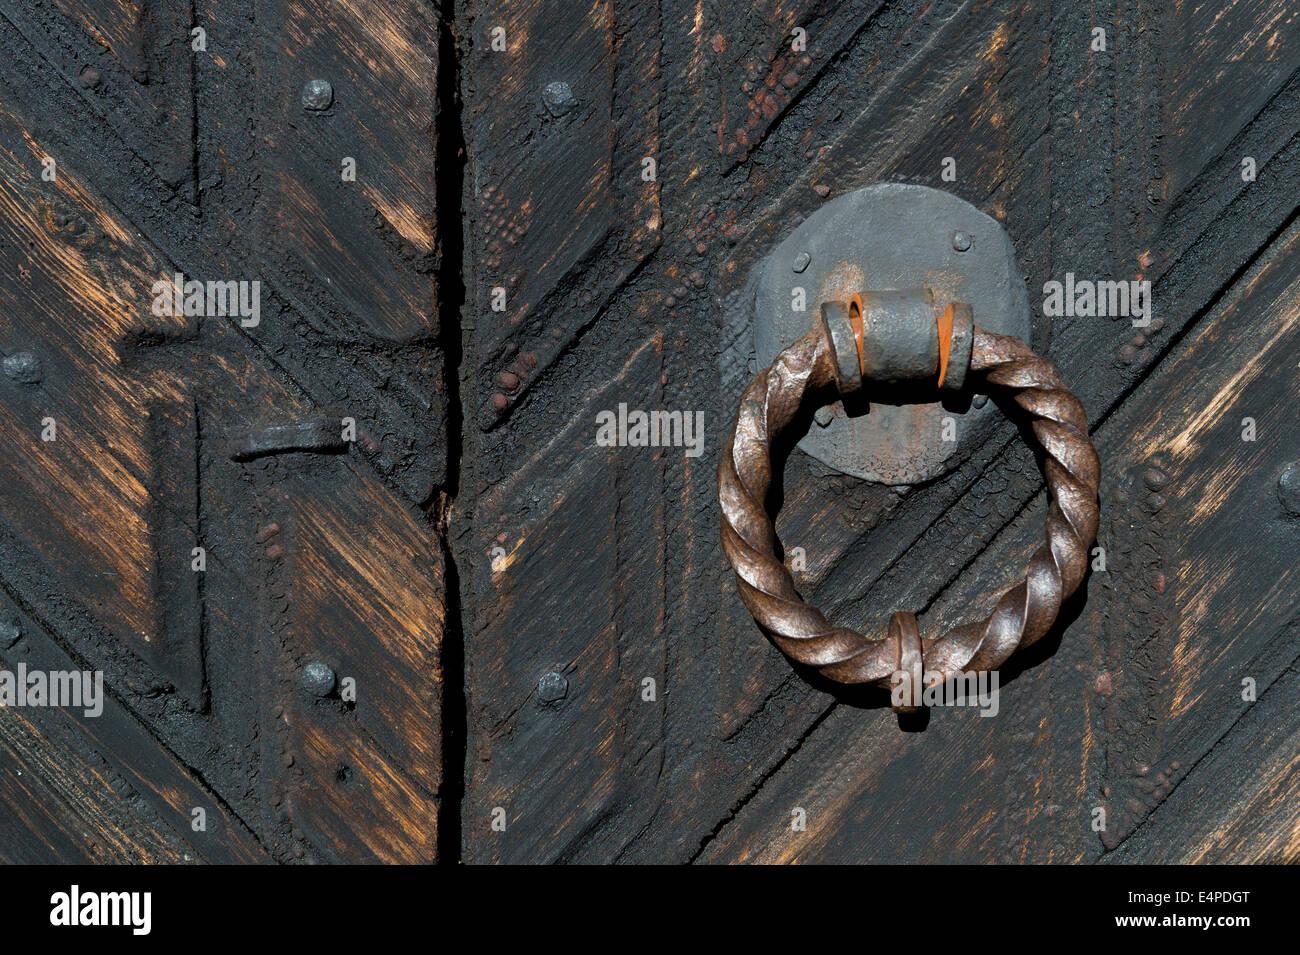 Hand Forged Door Handle, Old Wooden Church, Djursdala, Småland, Sweden